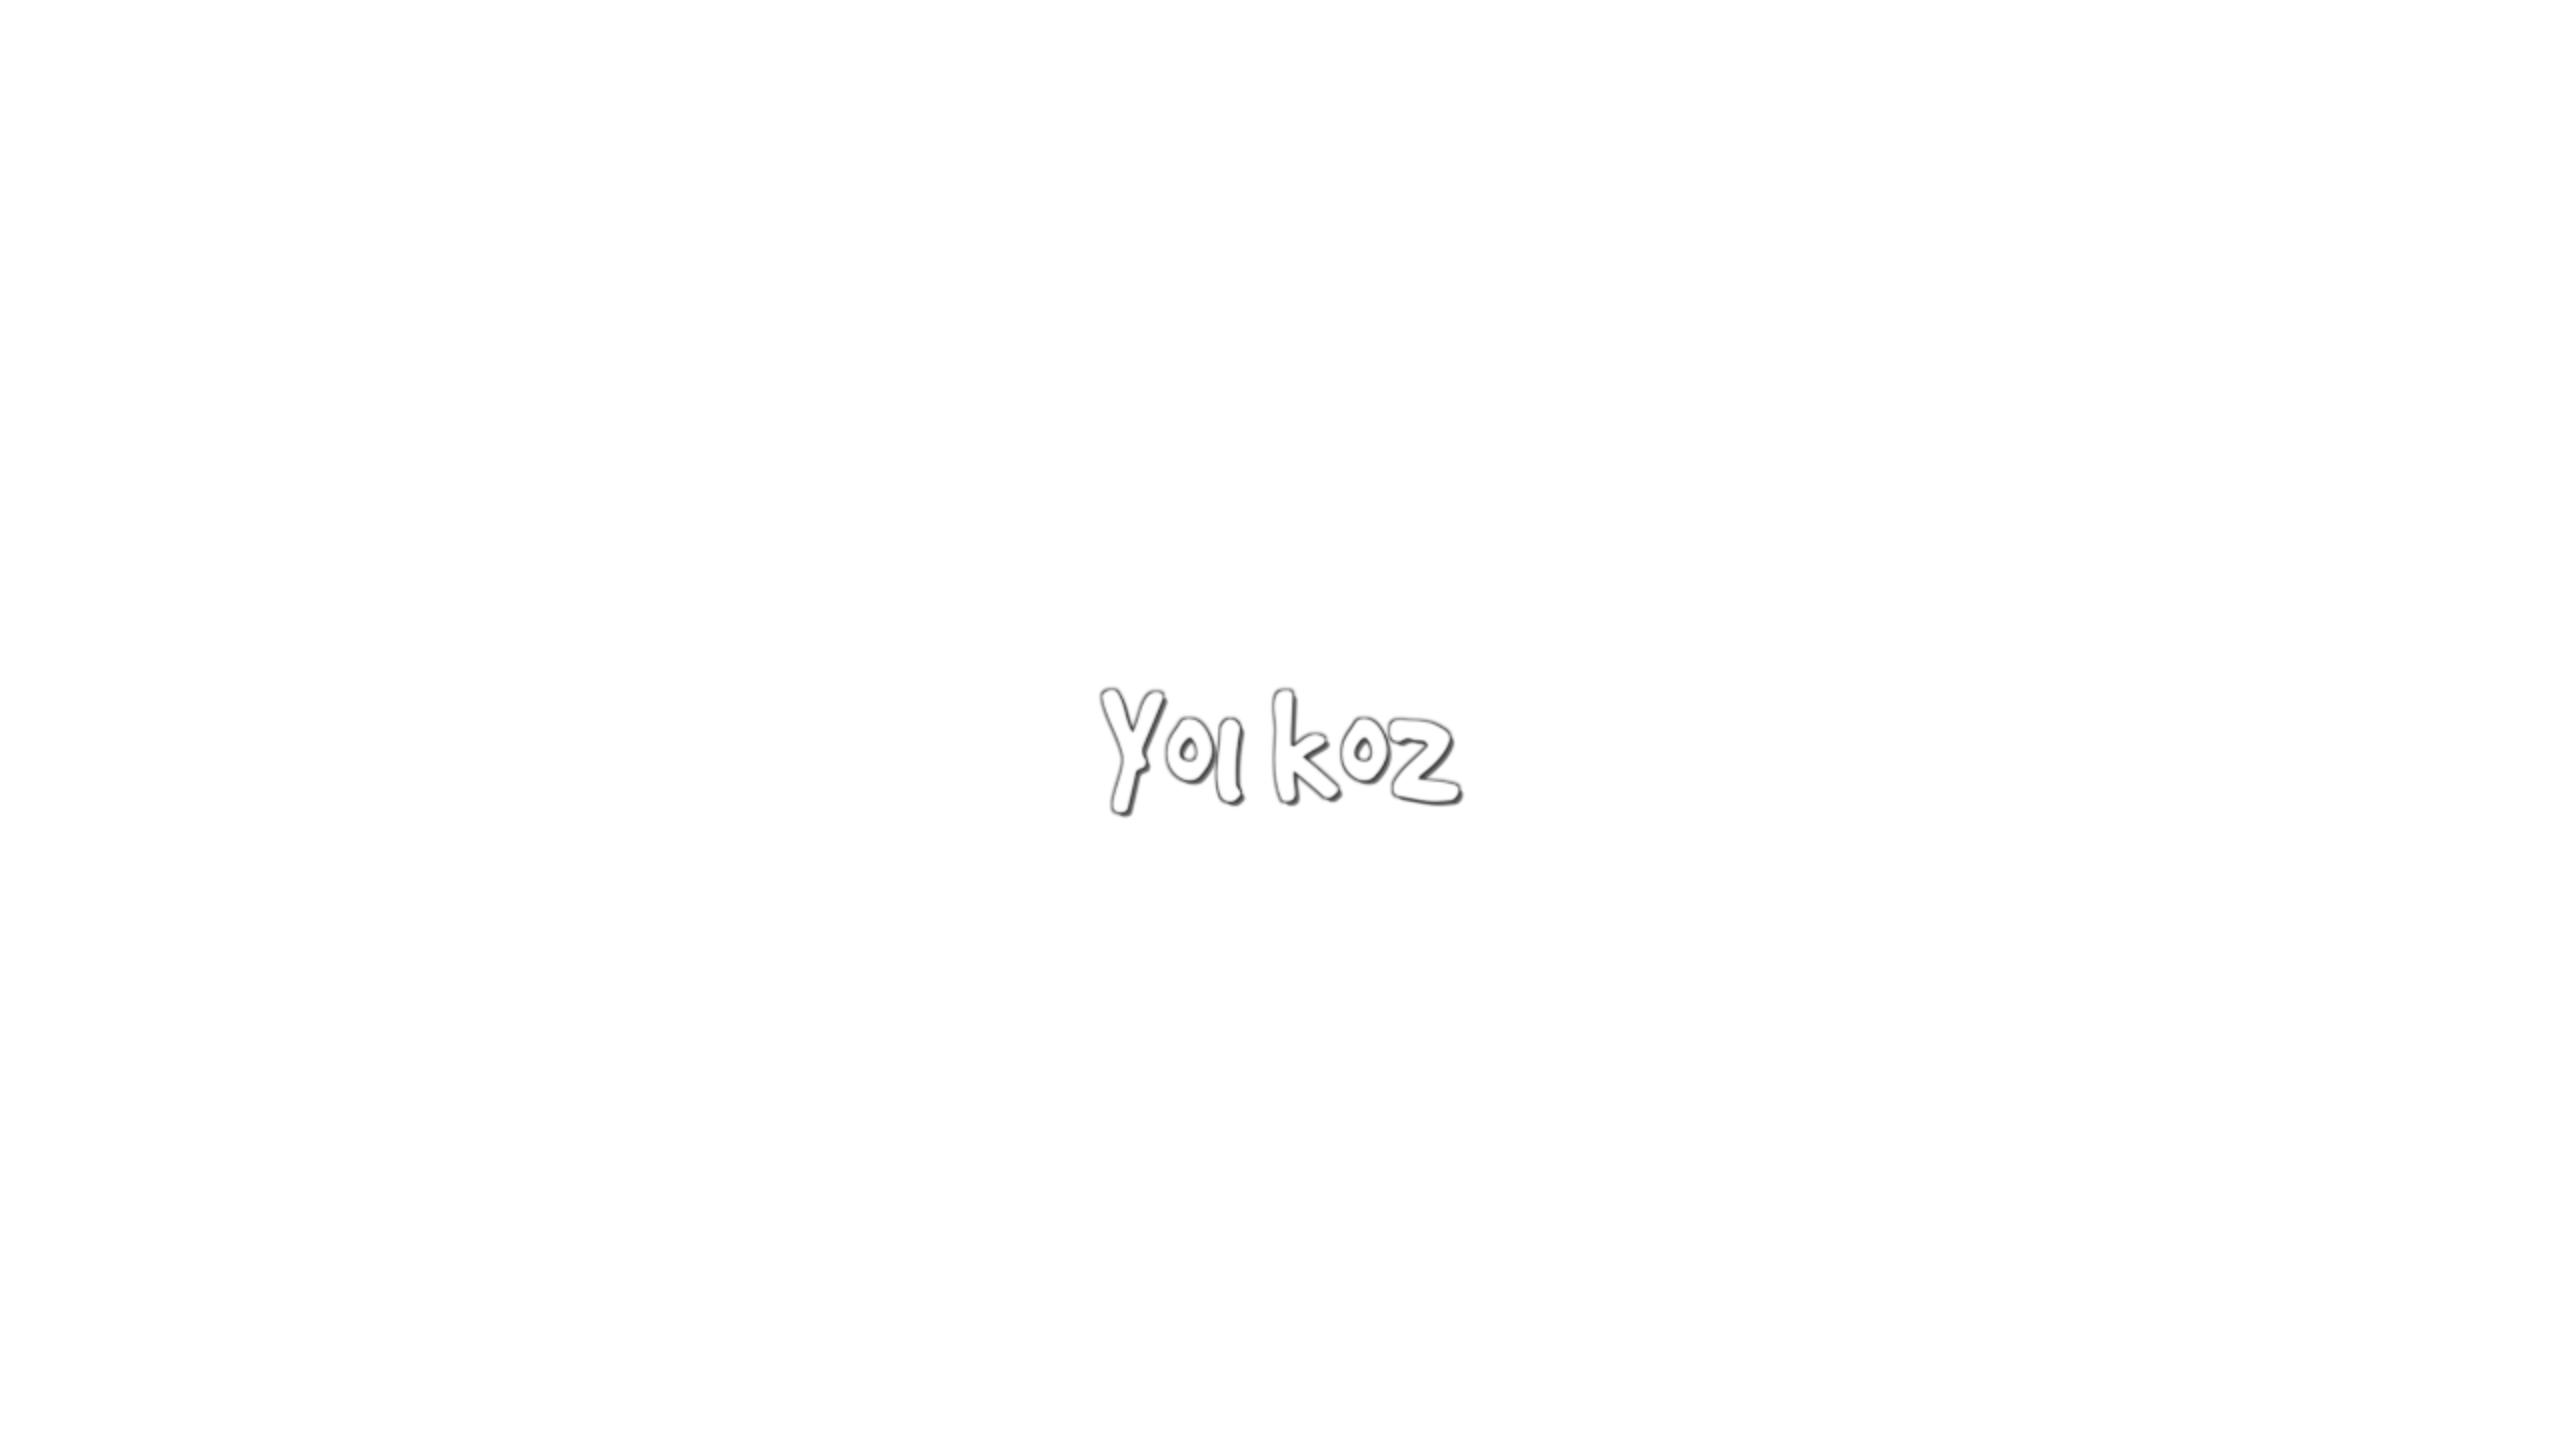 Yo1ko2 – YouTube動画公開日決定のお知らせ